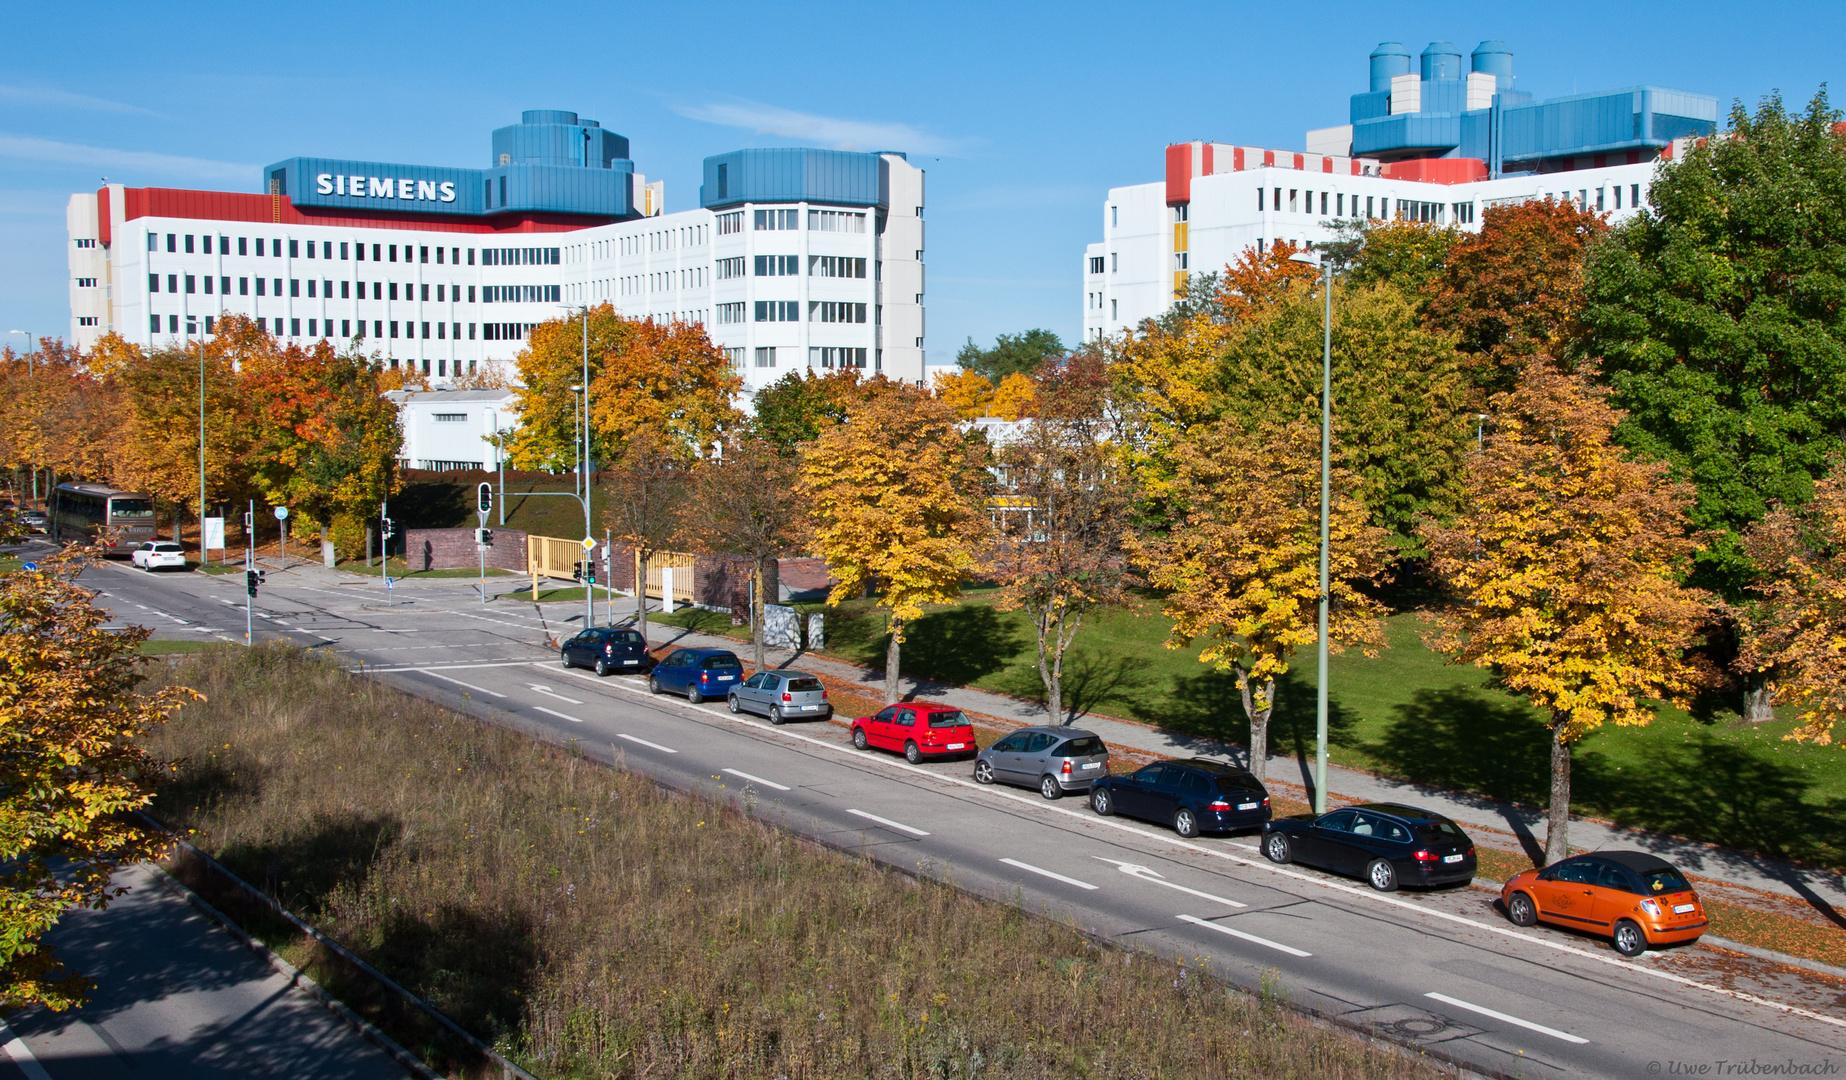 Siemens Standort München Neuperlach (2)